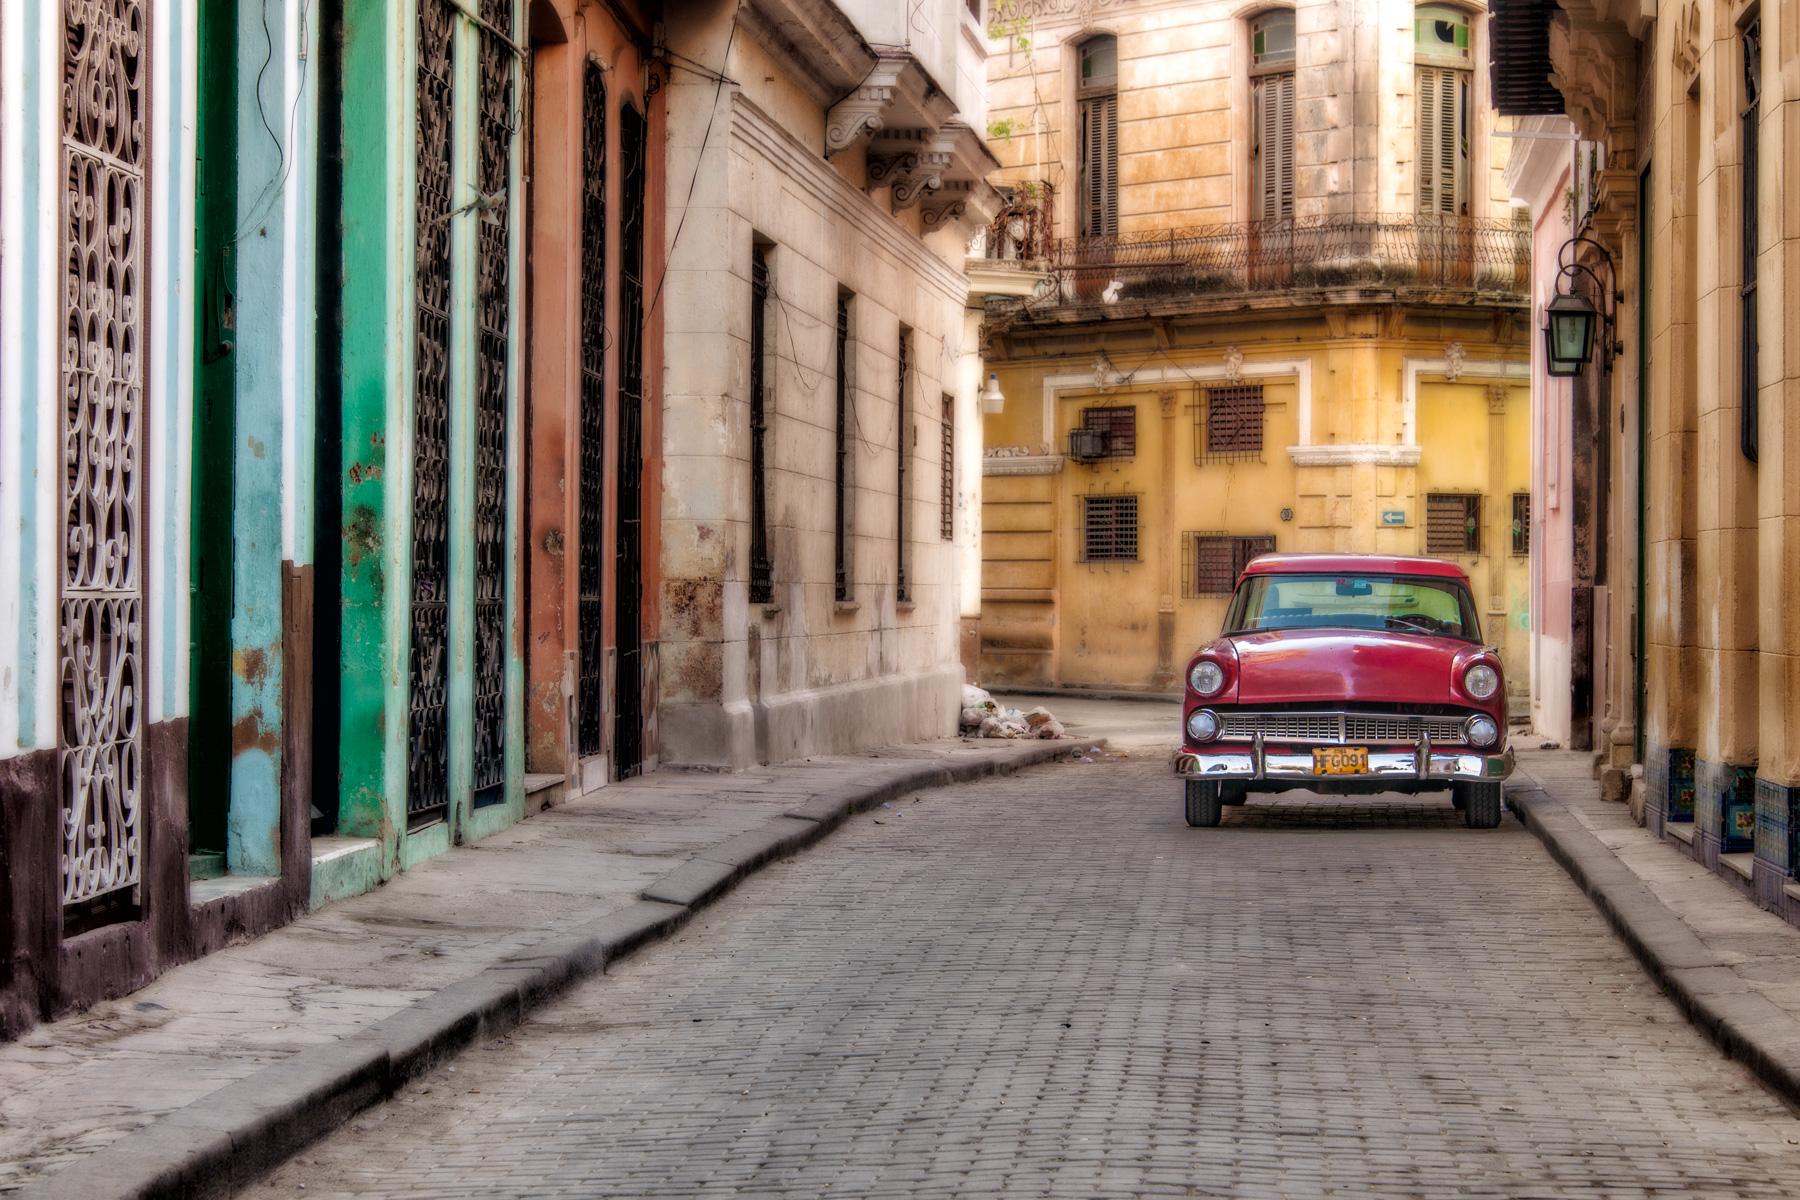 Cuba_2013Jan13_0074-Edit-2